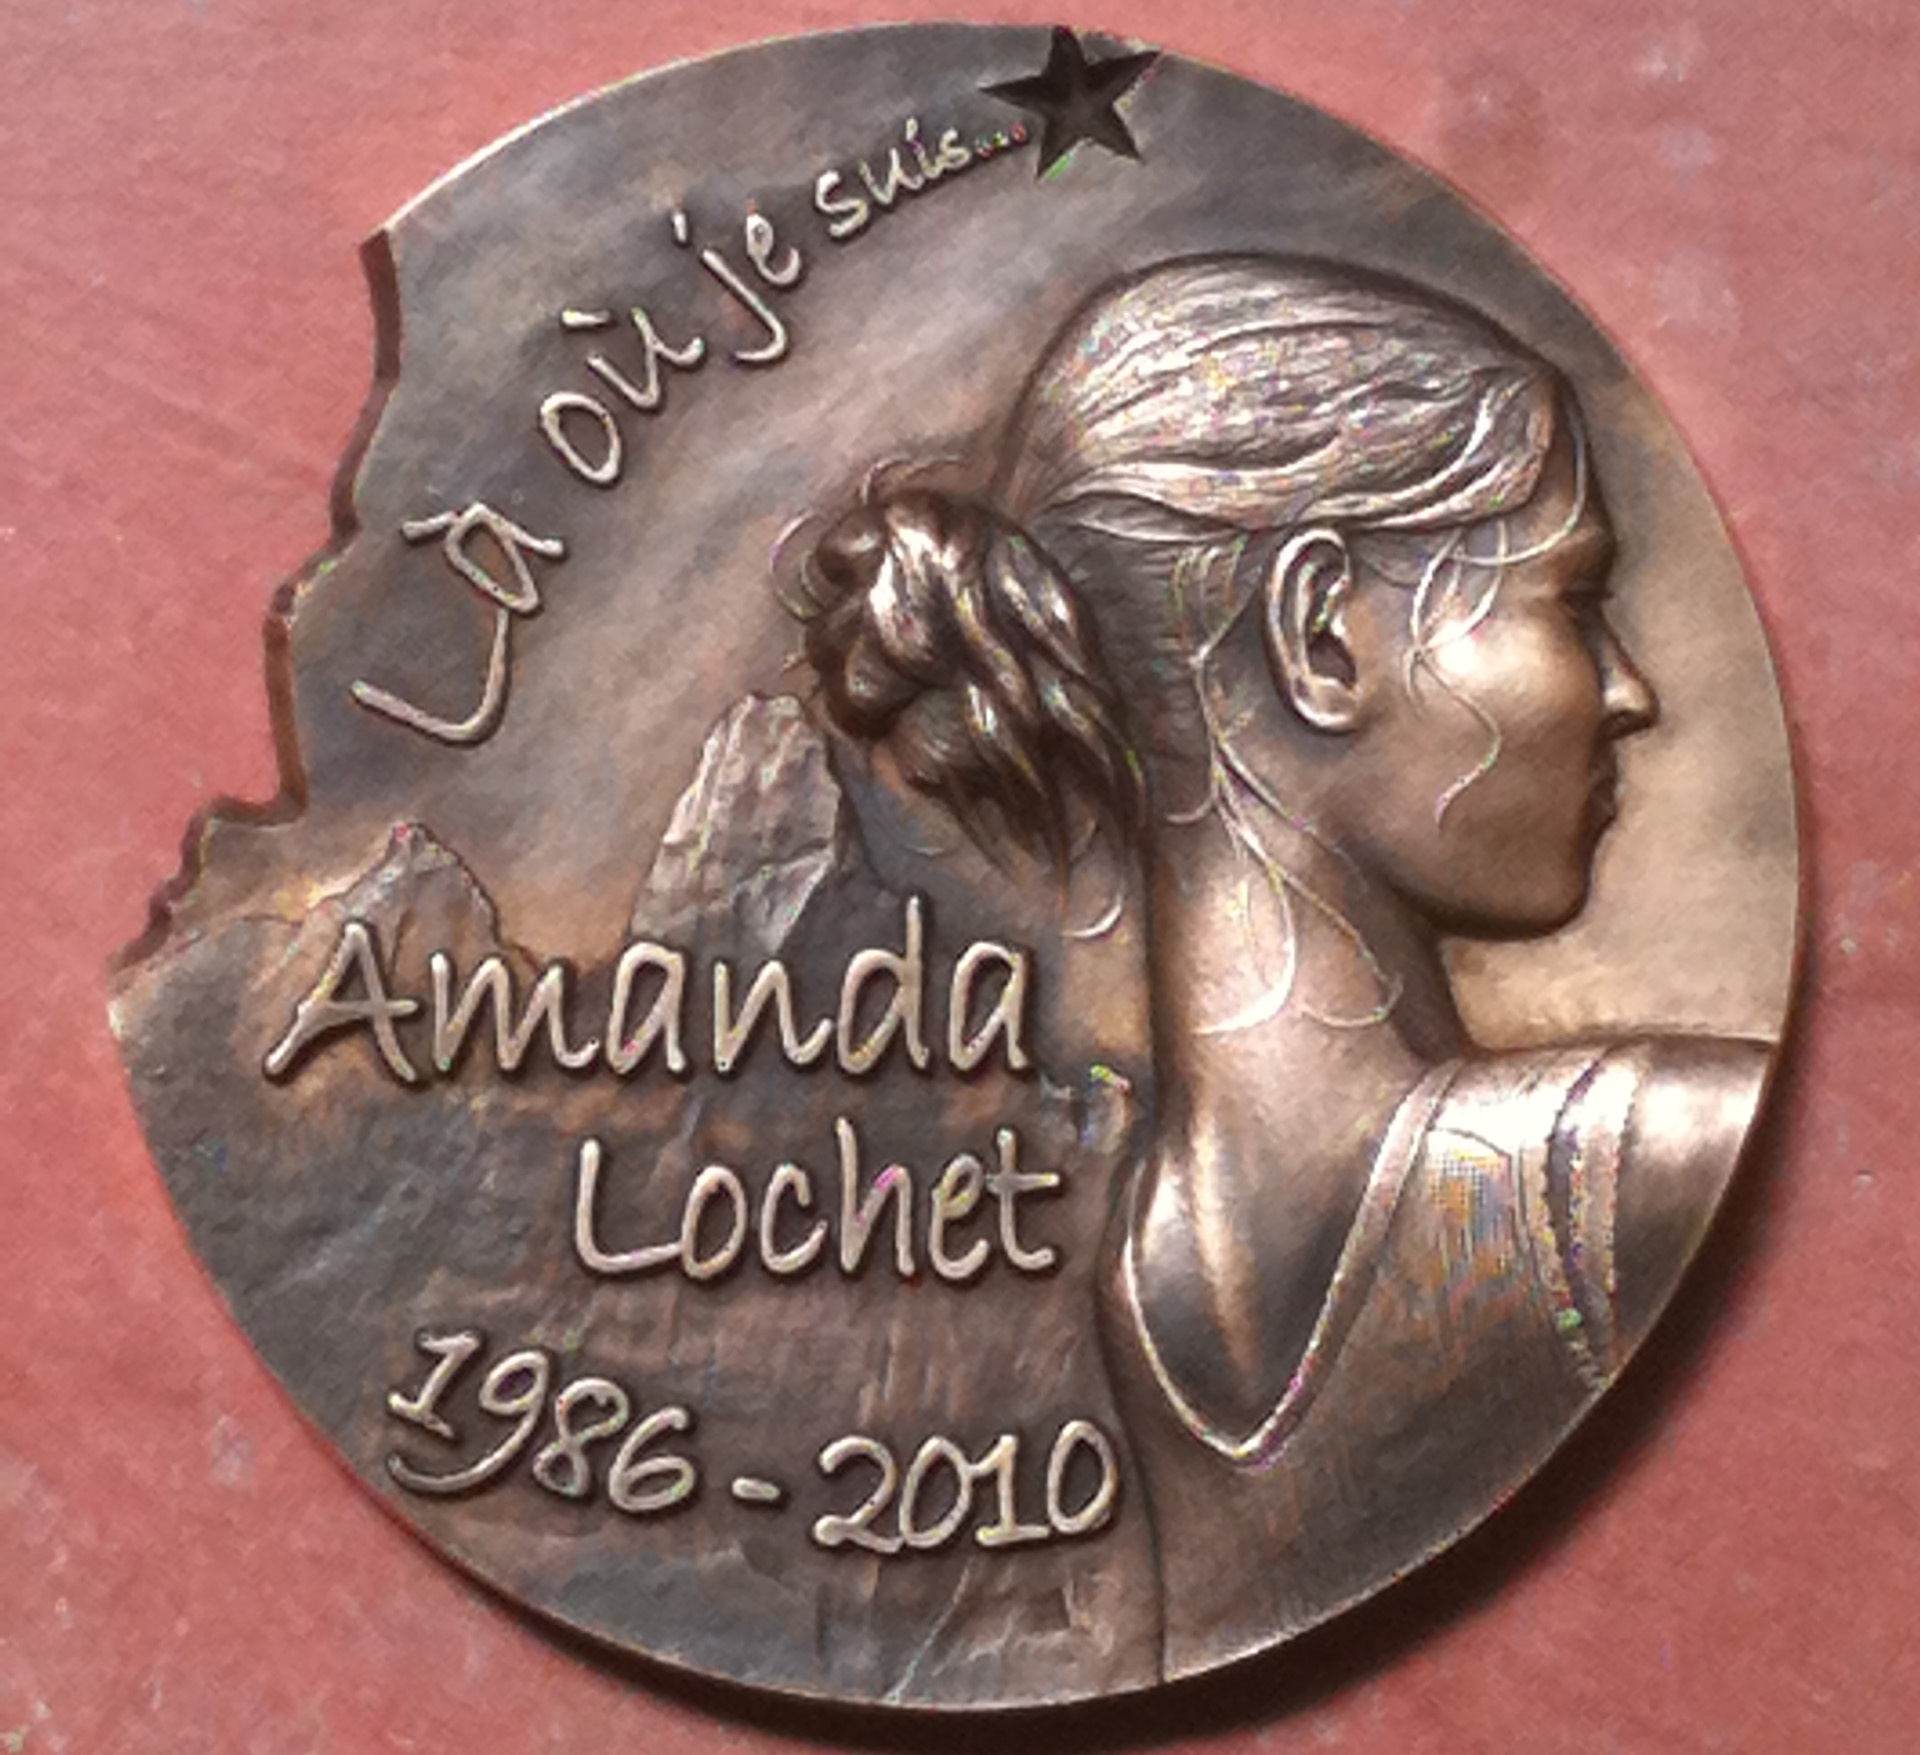 Médaillon hommage pour Amanda Lochet